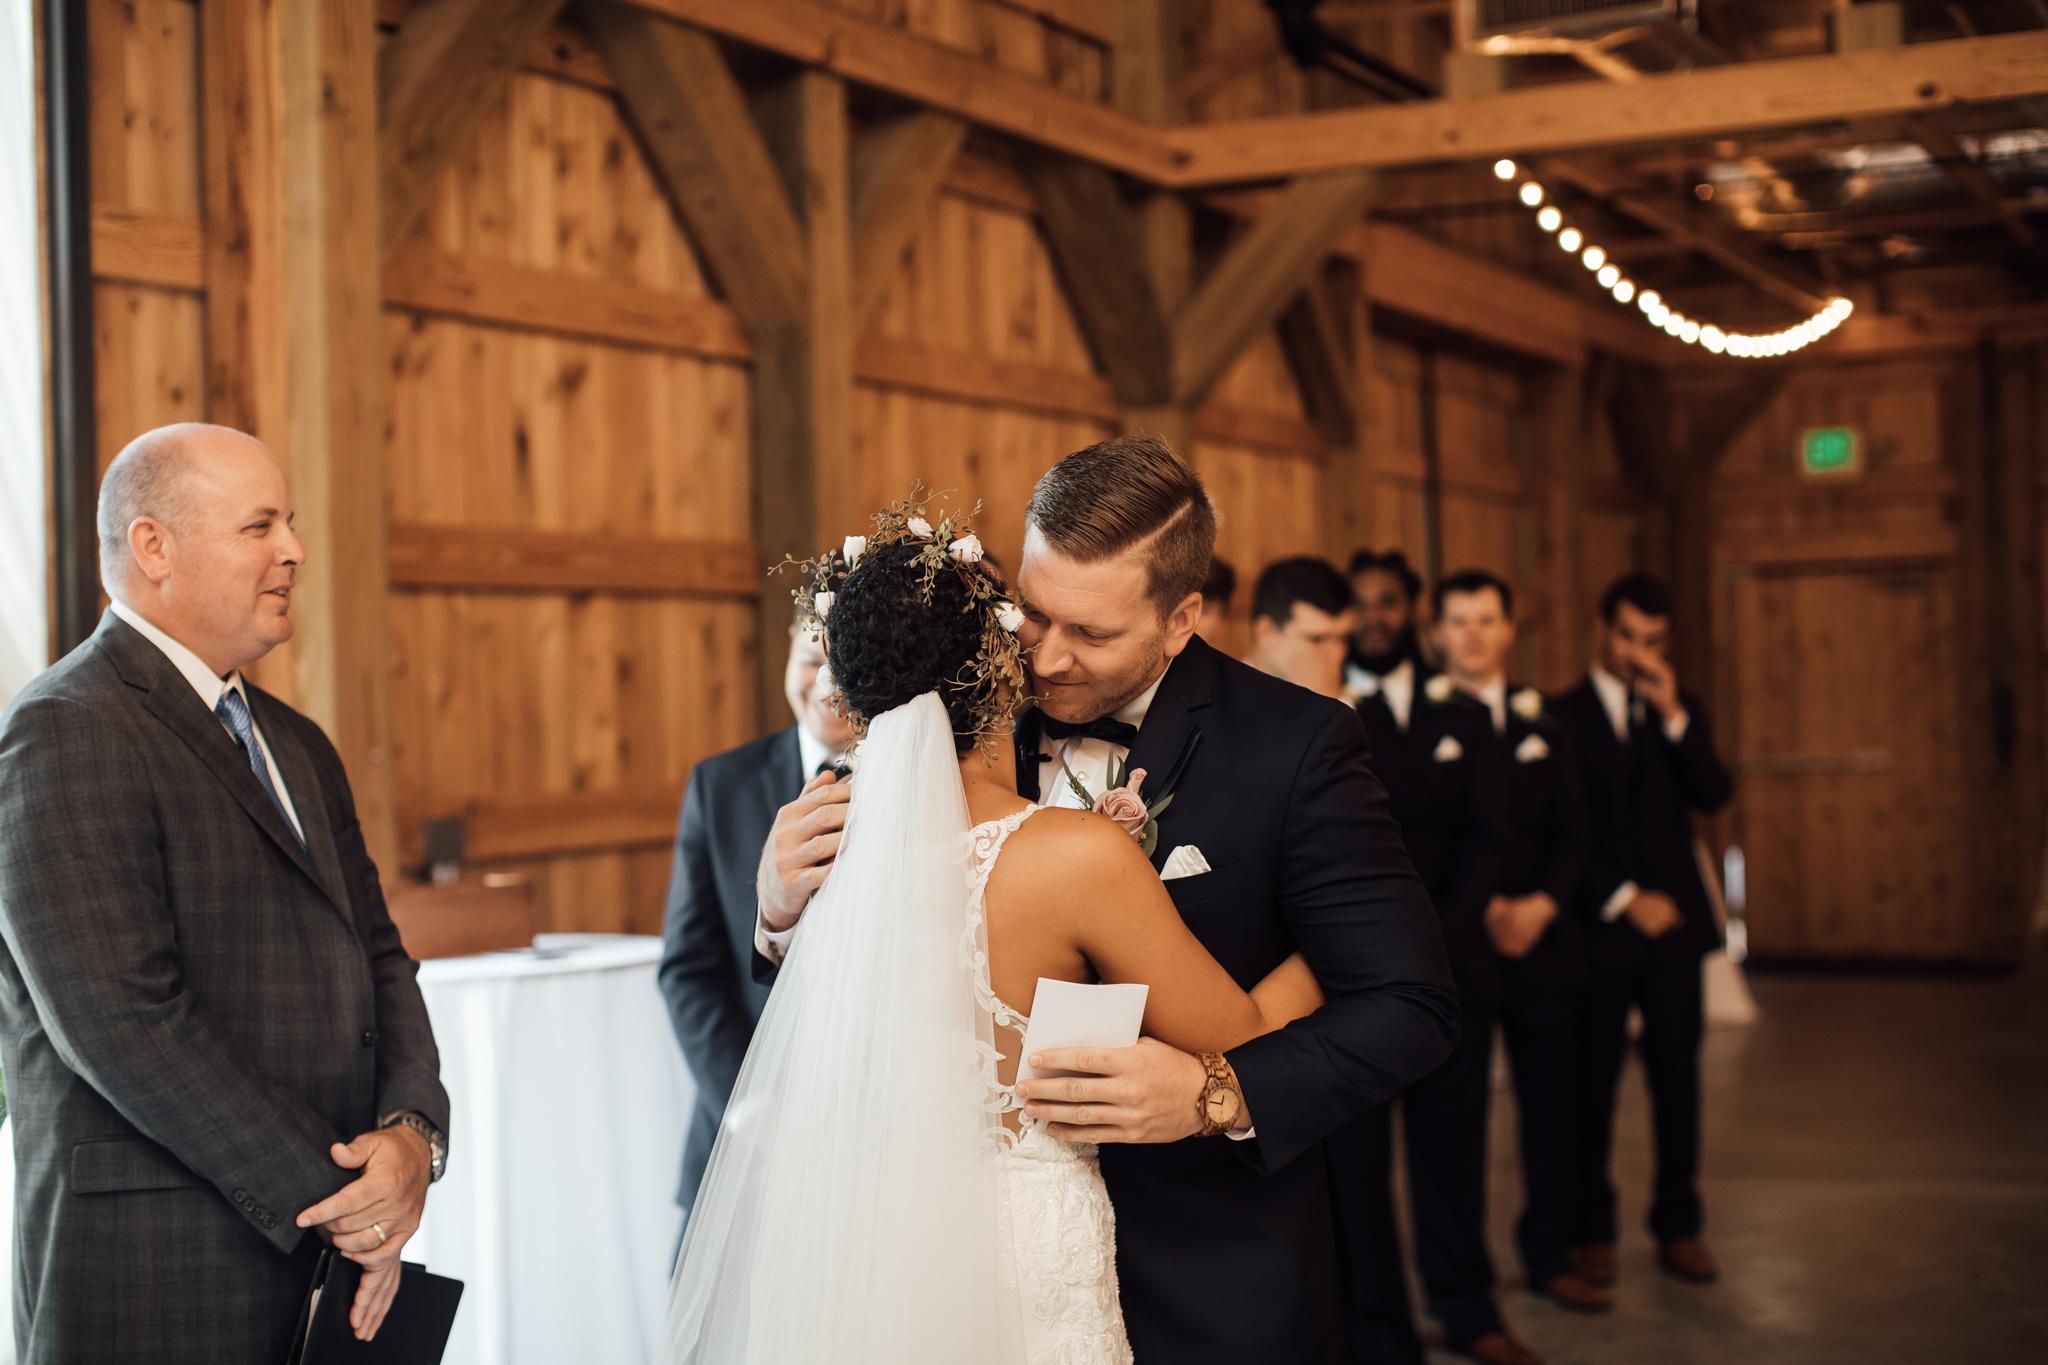 saddlewoodsfarms-nashville-wedding-photographer-thewarmtharoundyou-rustic-wedding (33 of 251).jpg